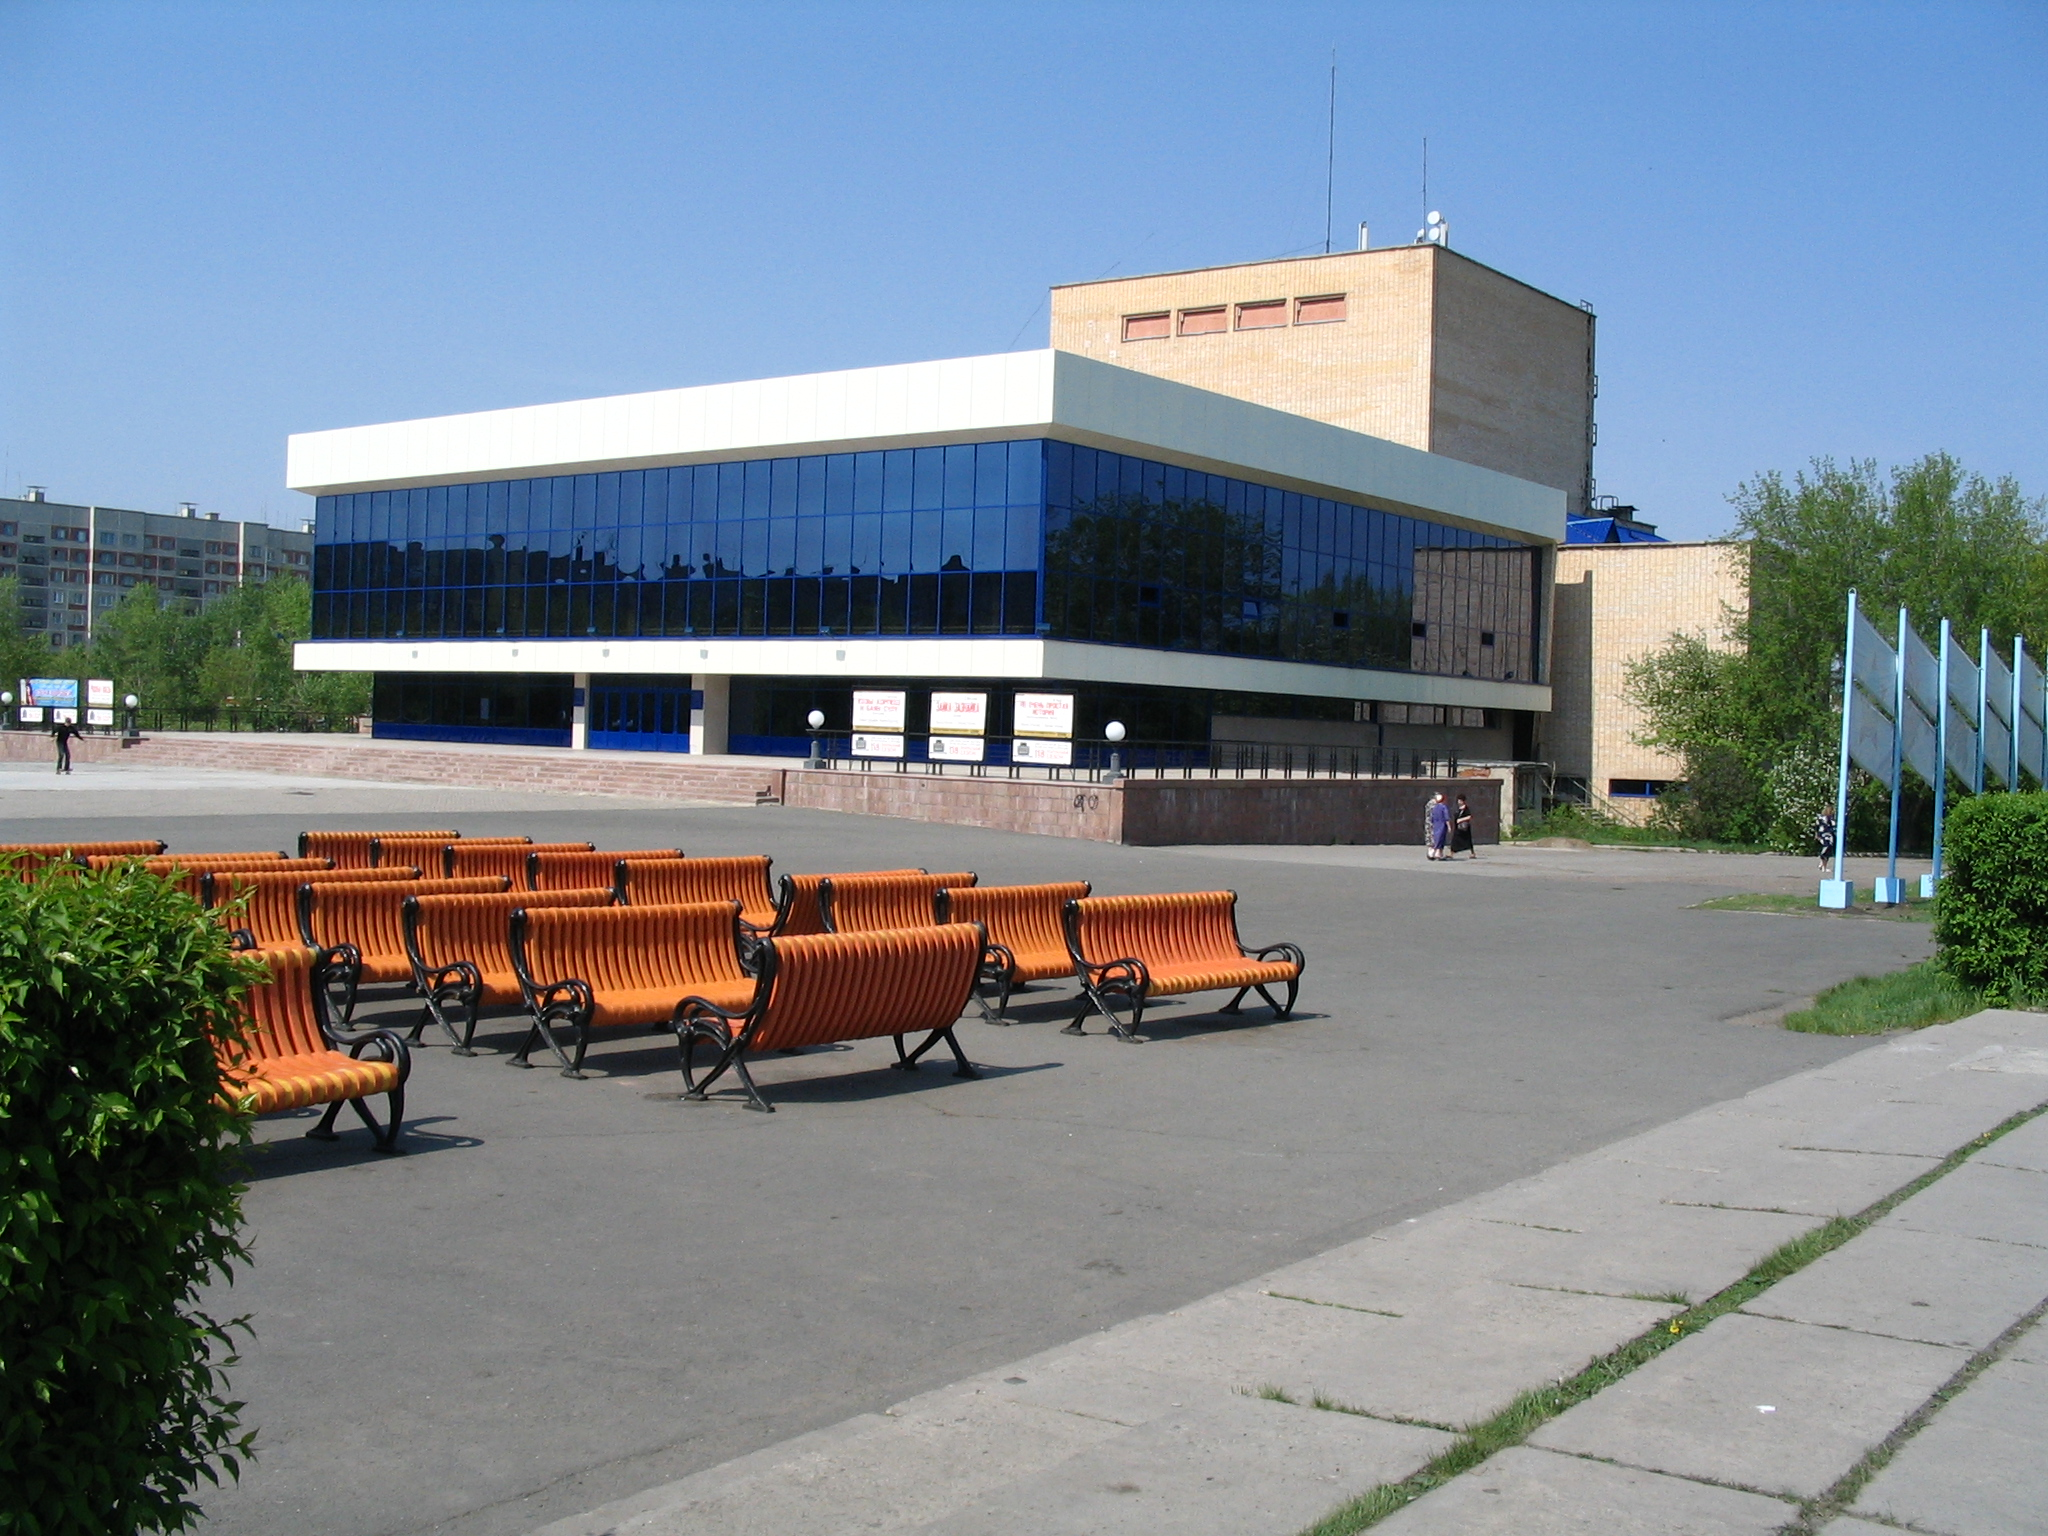 Более 200 млн тенге потратили на ремонт культурных объектов в СКО, Ремонт, Культурный объект, СКО